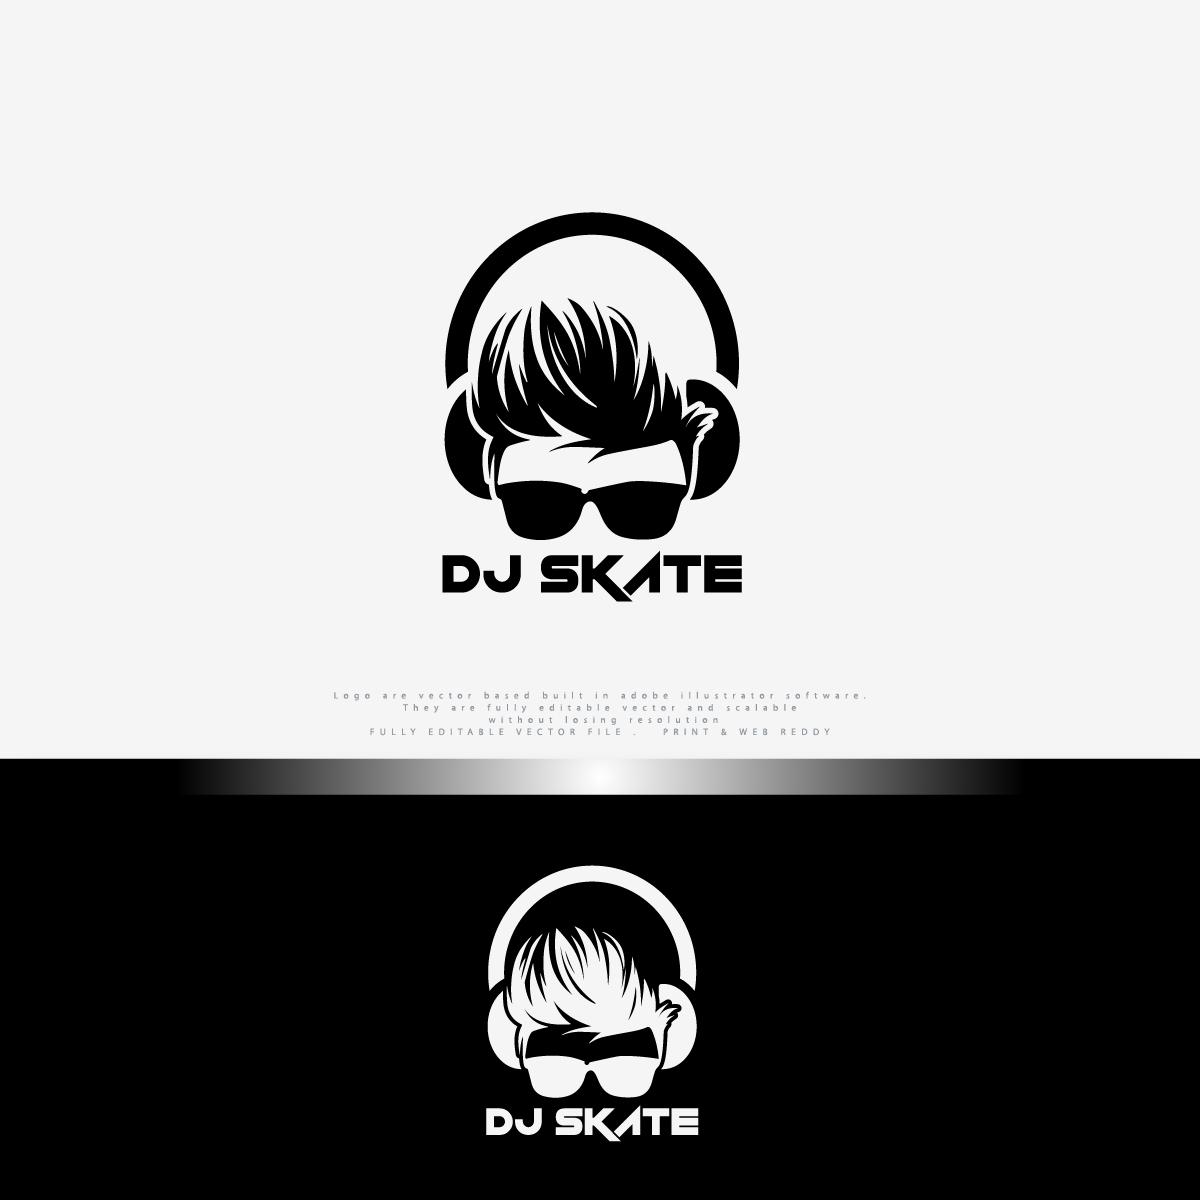 Modern, Conservative Logo Design for DJ Skate by Red Chile | Design